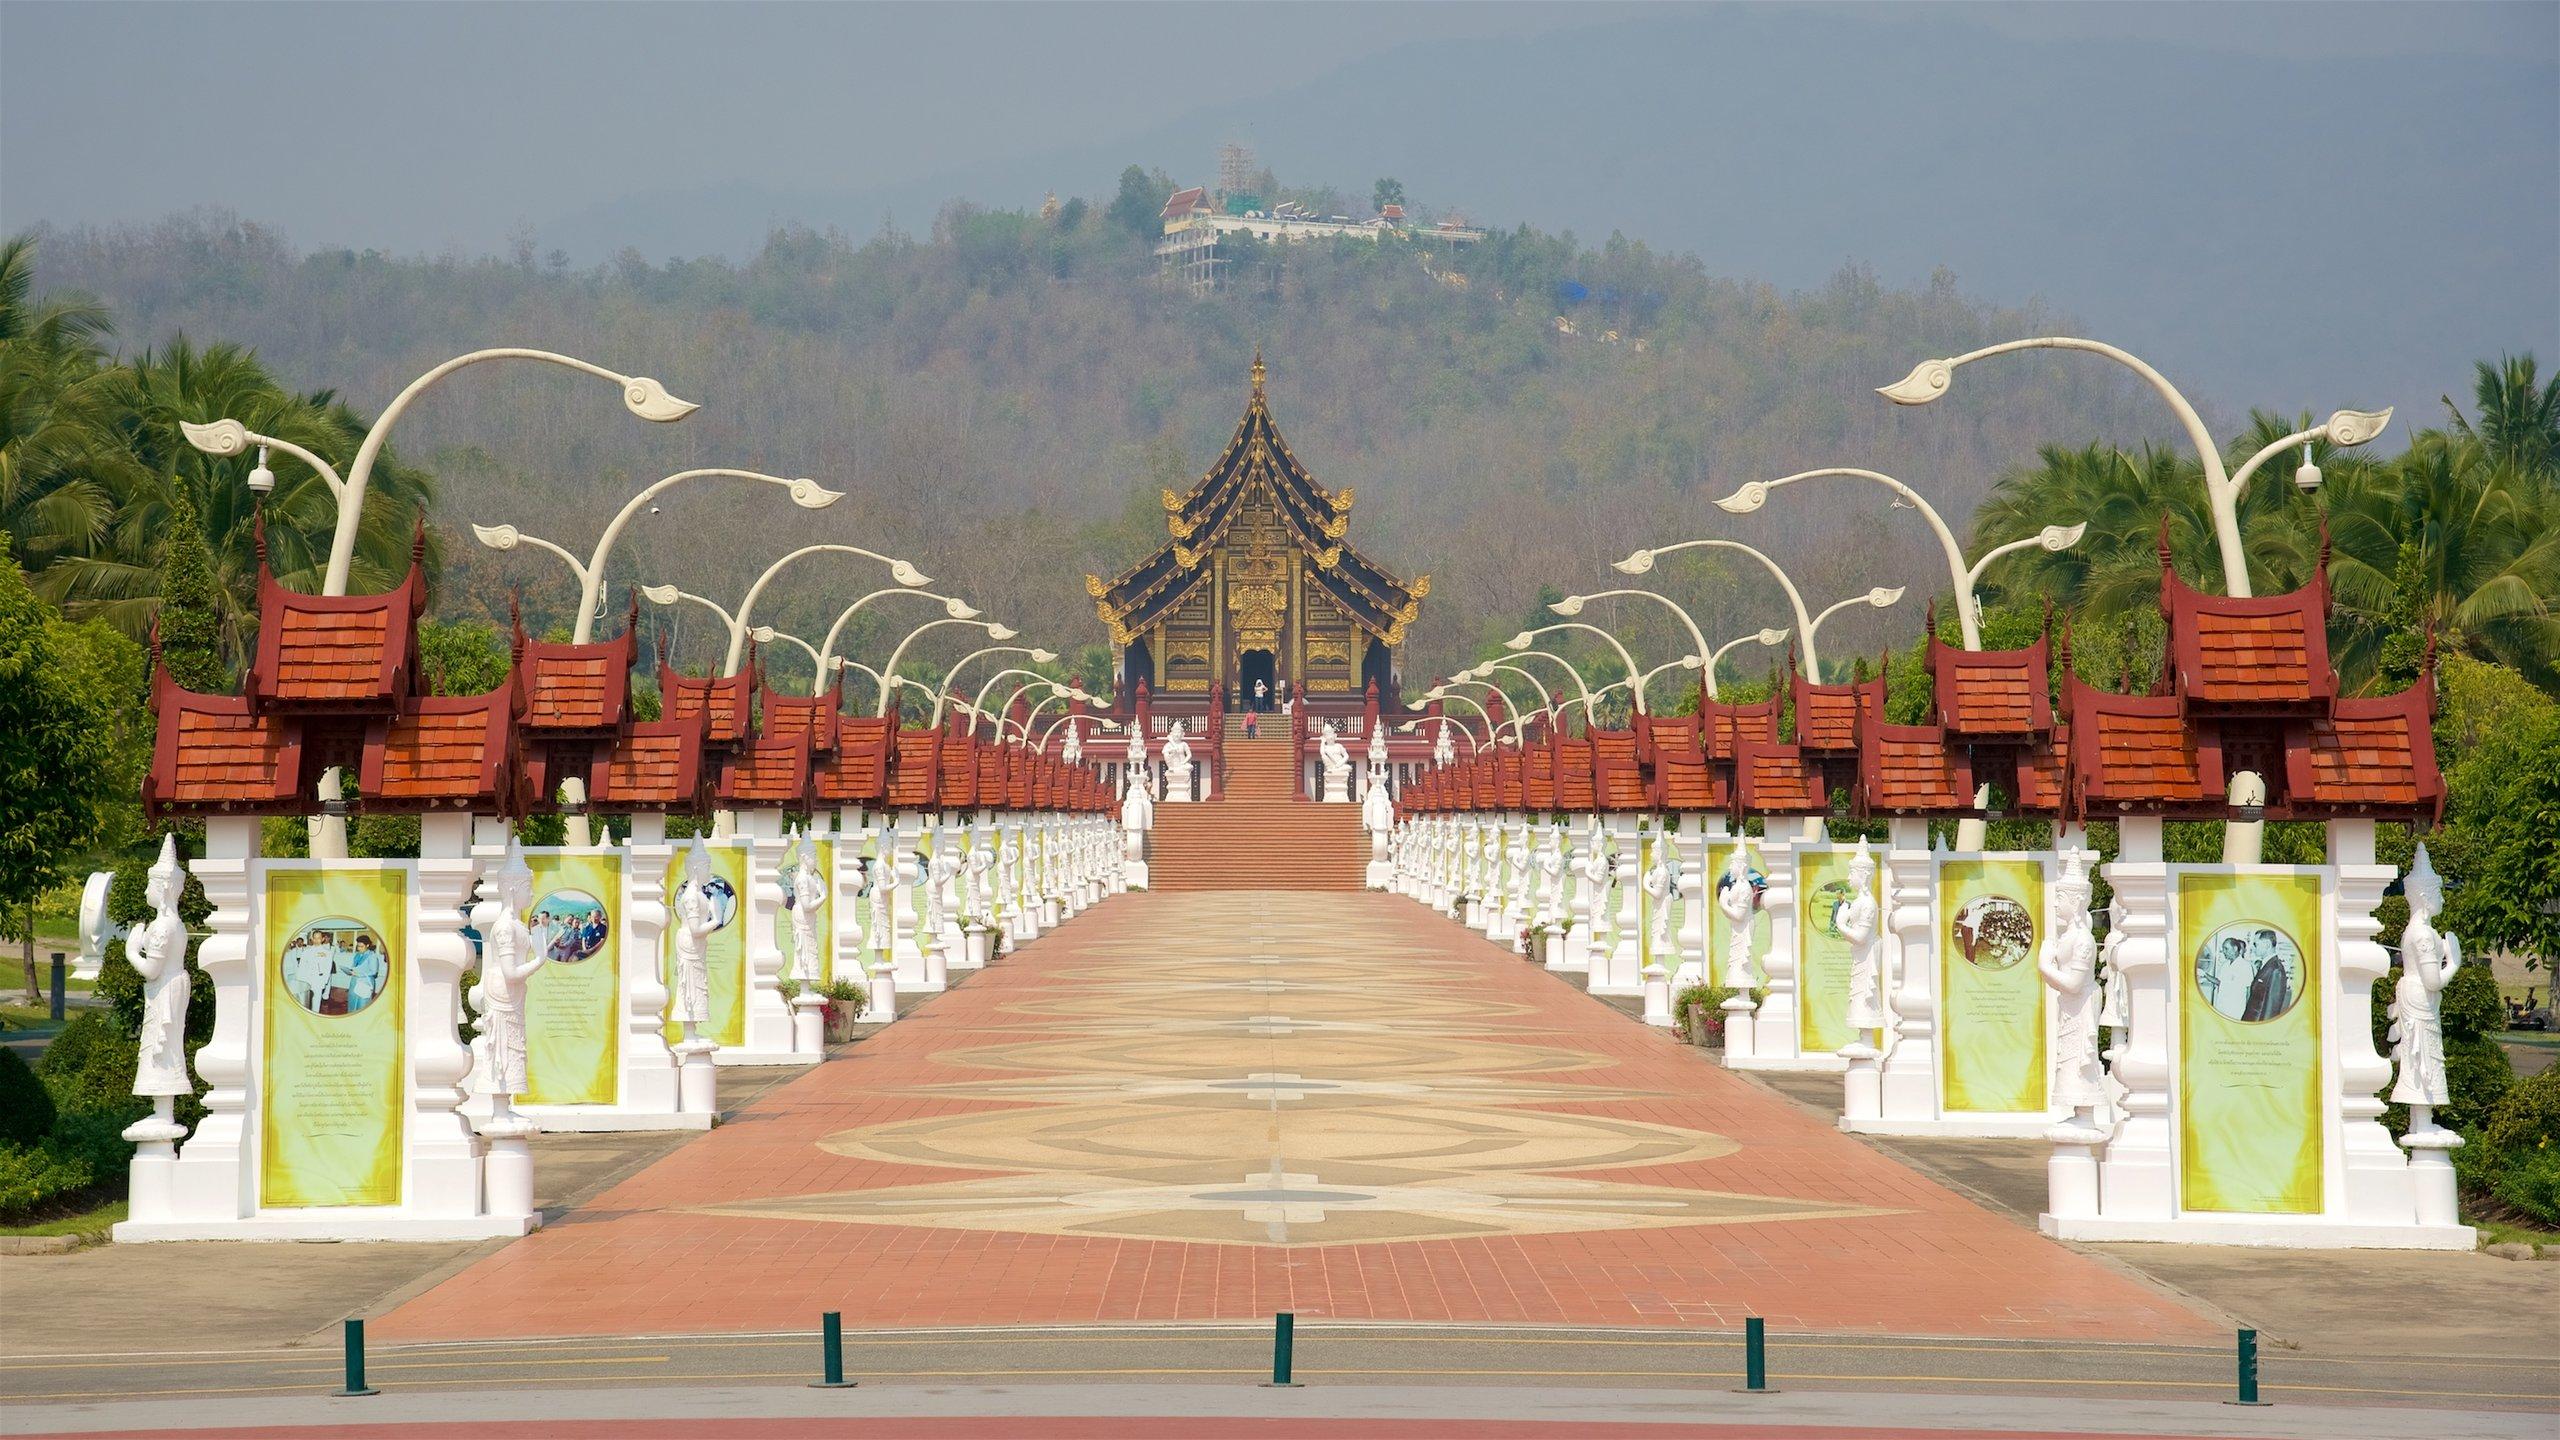 Nong Kwai, Hang Dong, Chiang Mai Province, Thailand